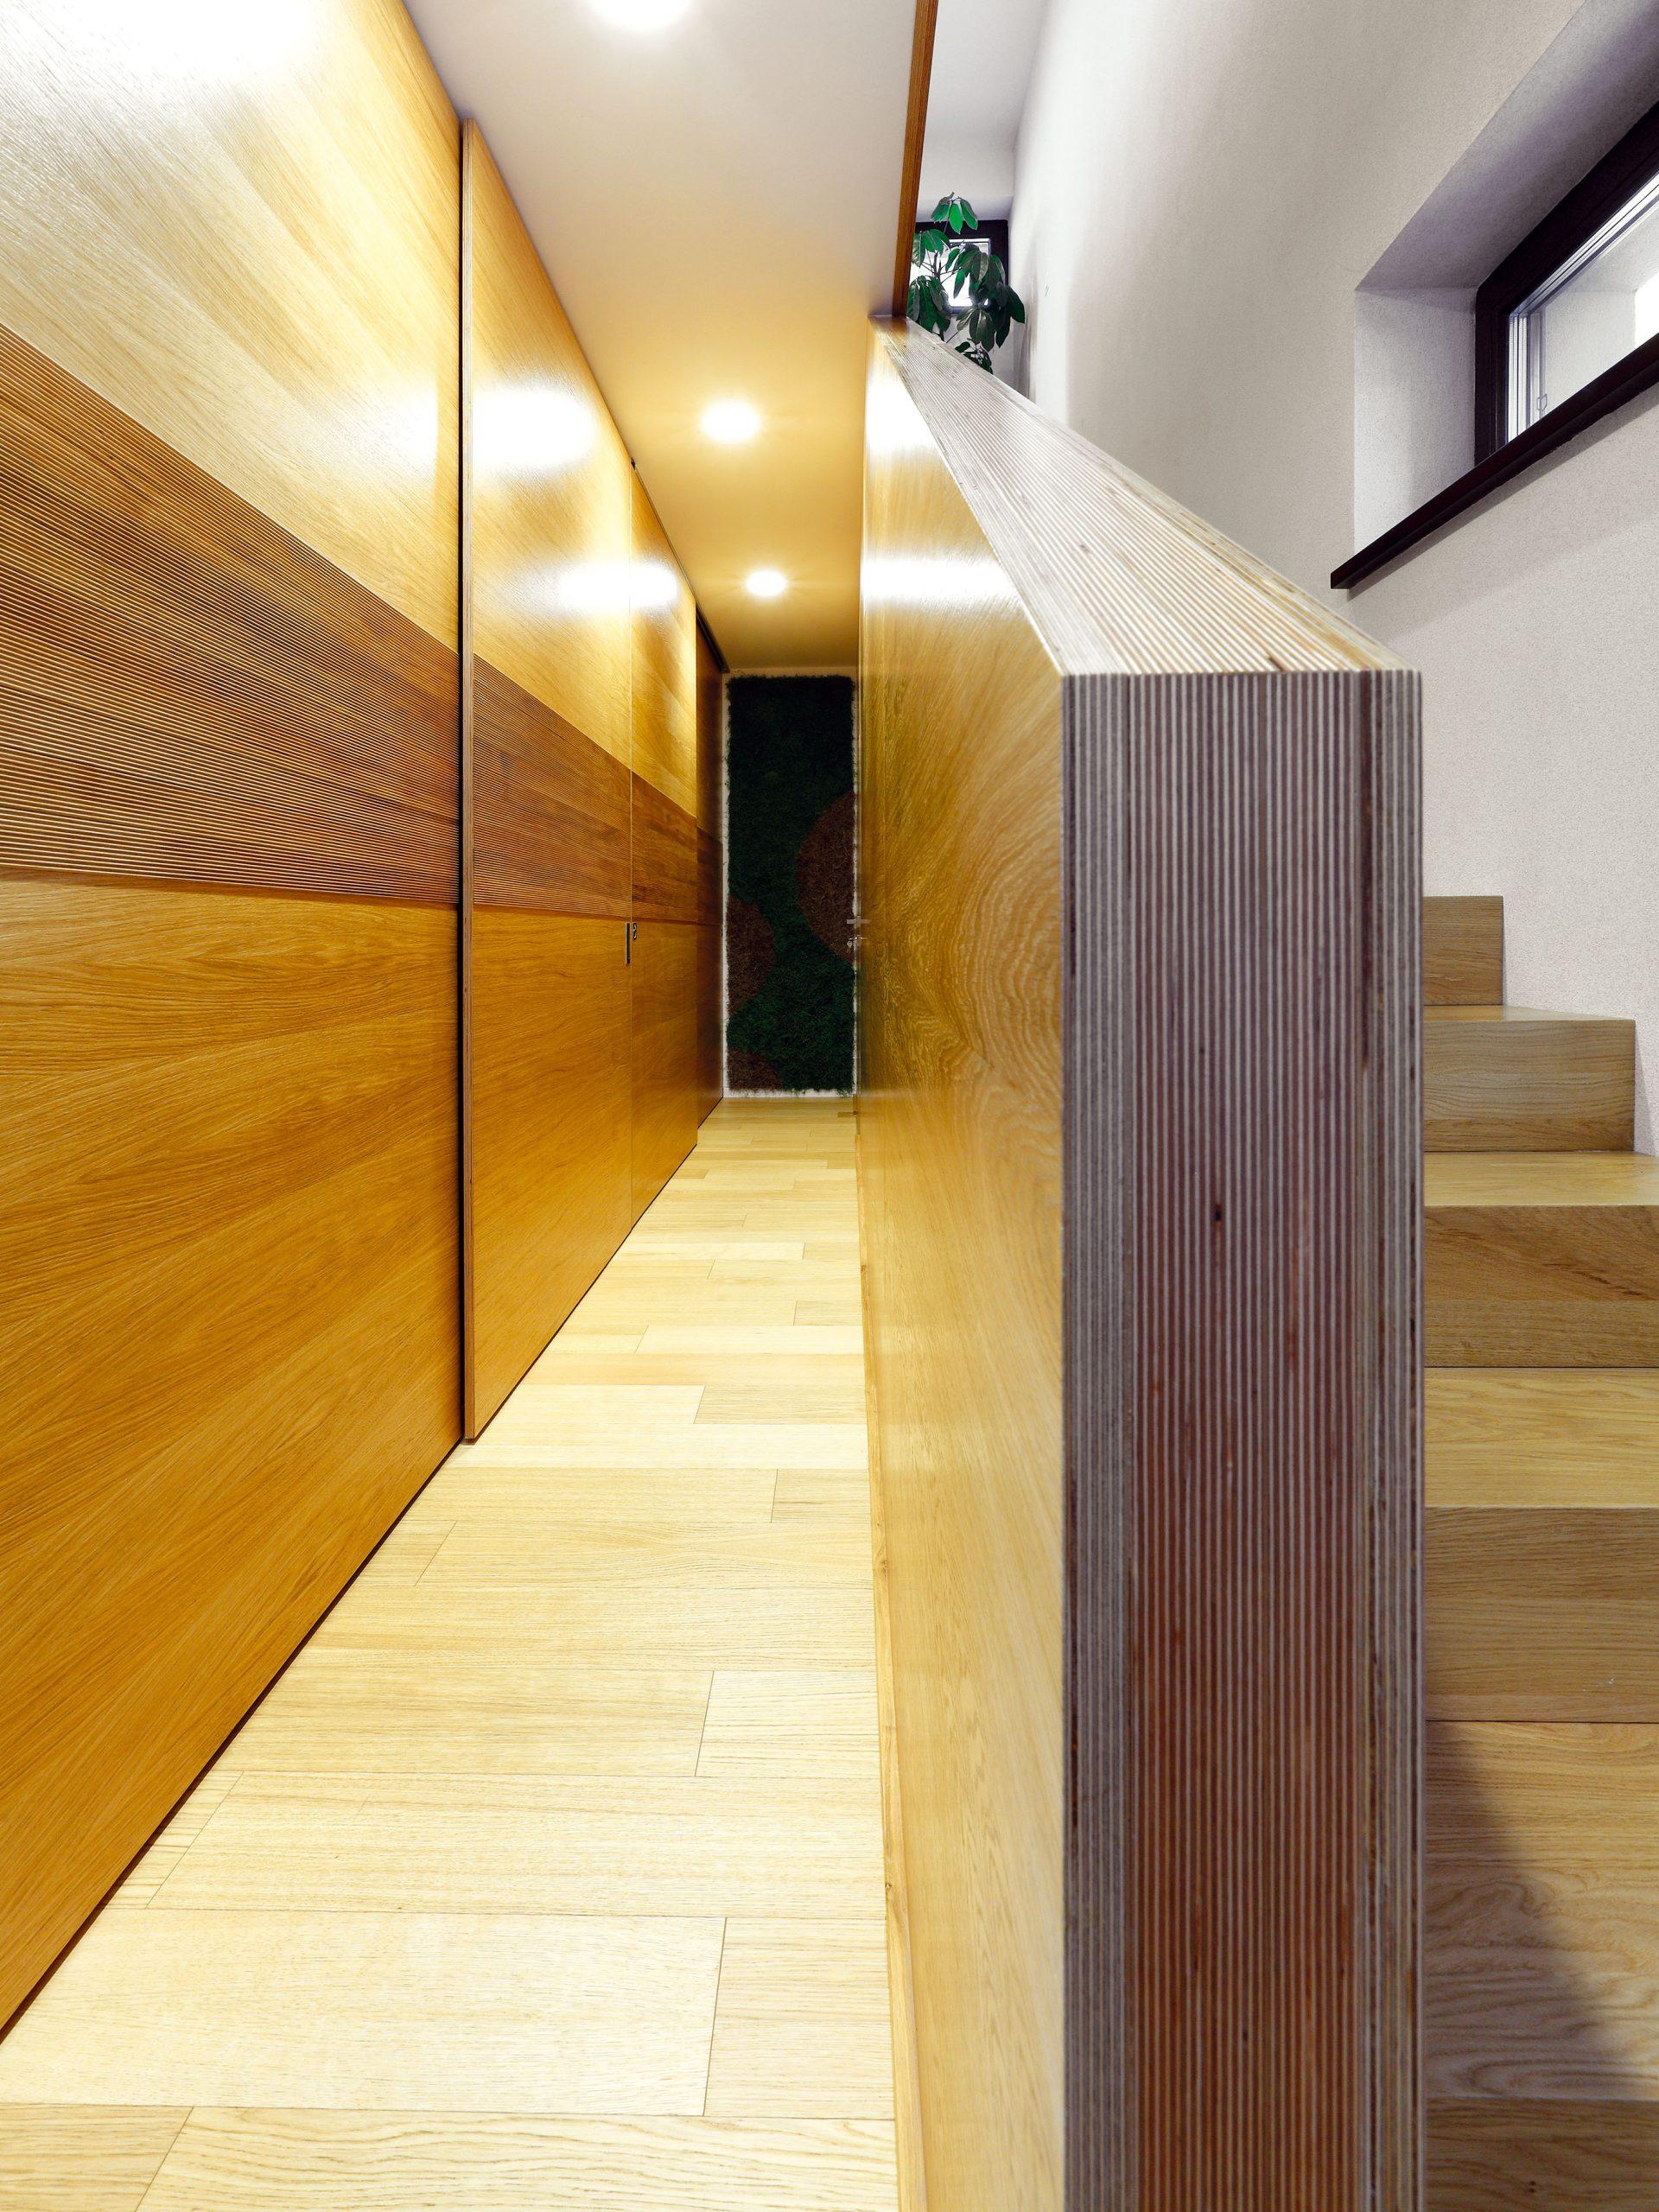 Takmer všetky miestnosti domu sú na prízemí, na poschodí je len pracovňa domáceho pána. Vystupuje sa do nej po drevenom schodisku, ktoré lemuje zaujímavá stena zvrstvenej preglejky – jediný kus tvorí zároveň zábradlie schodiska aj stenu chodby na poschodí.